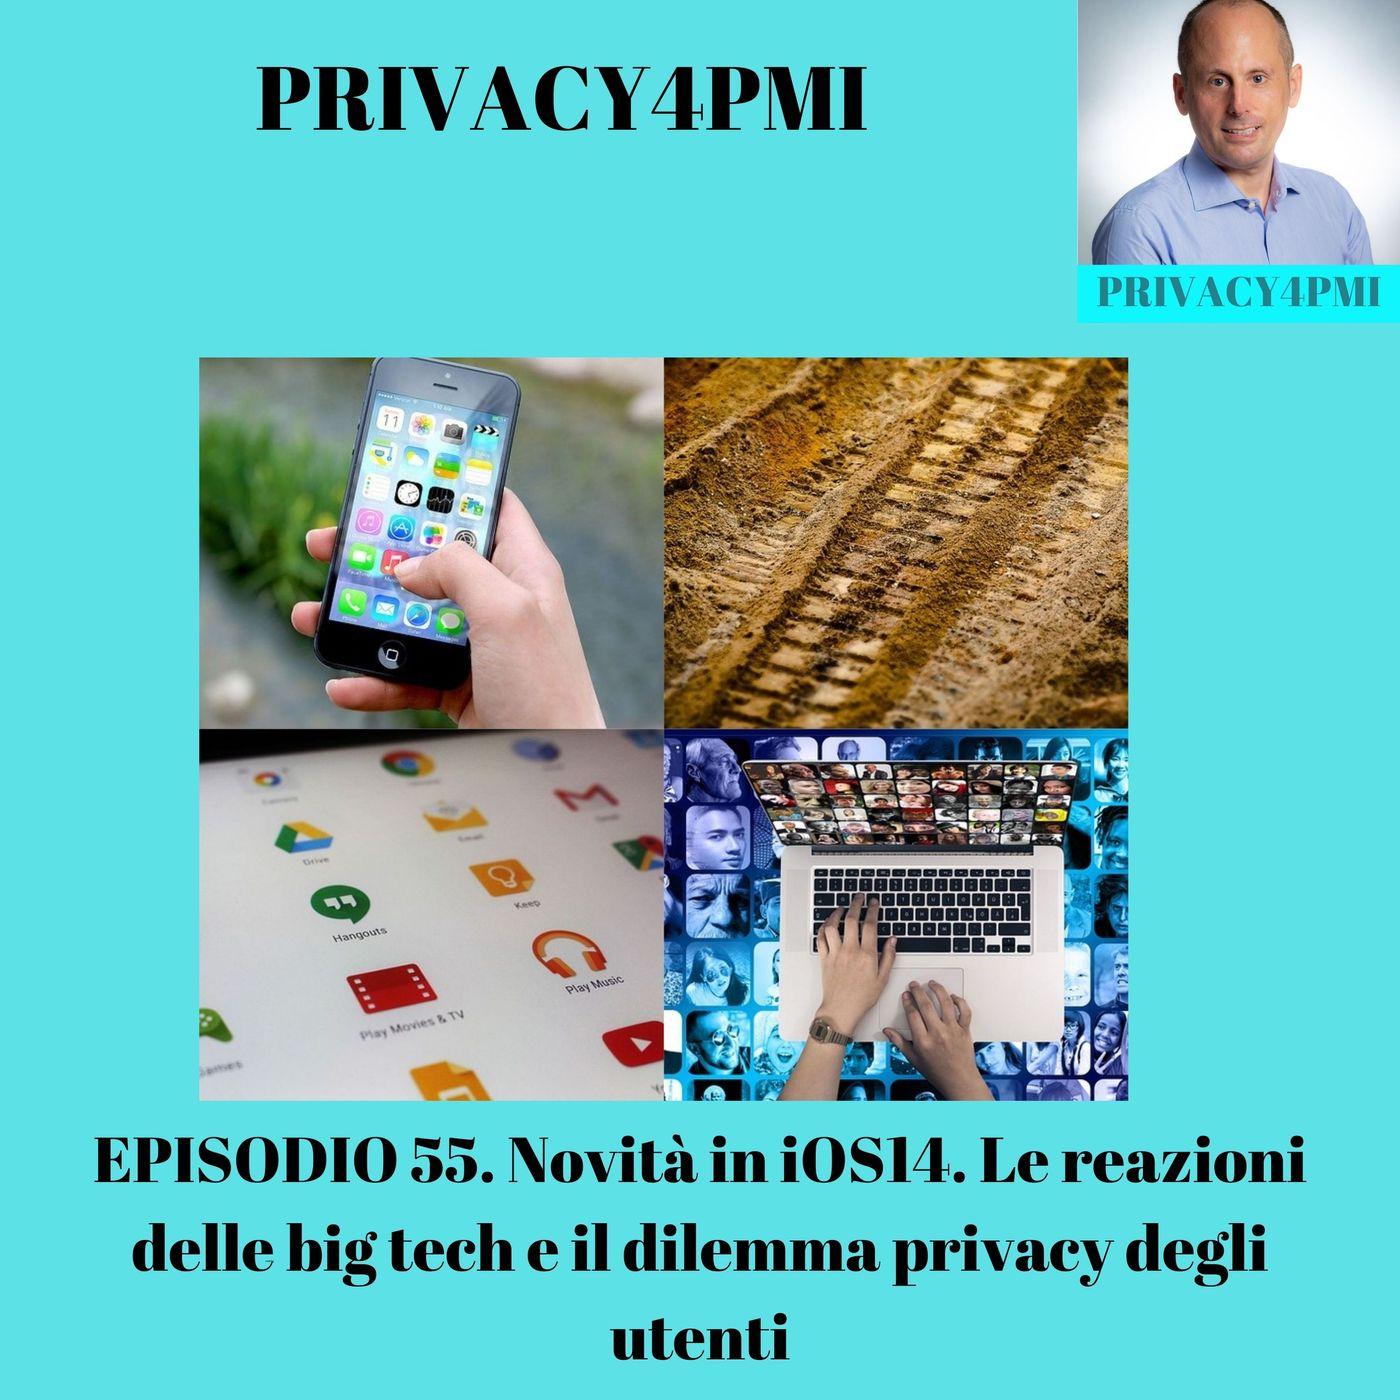 EPISODIO 55. Novità in iOS14. Le reazioni delle big tech e il dilemma privacy degli utenti